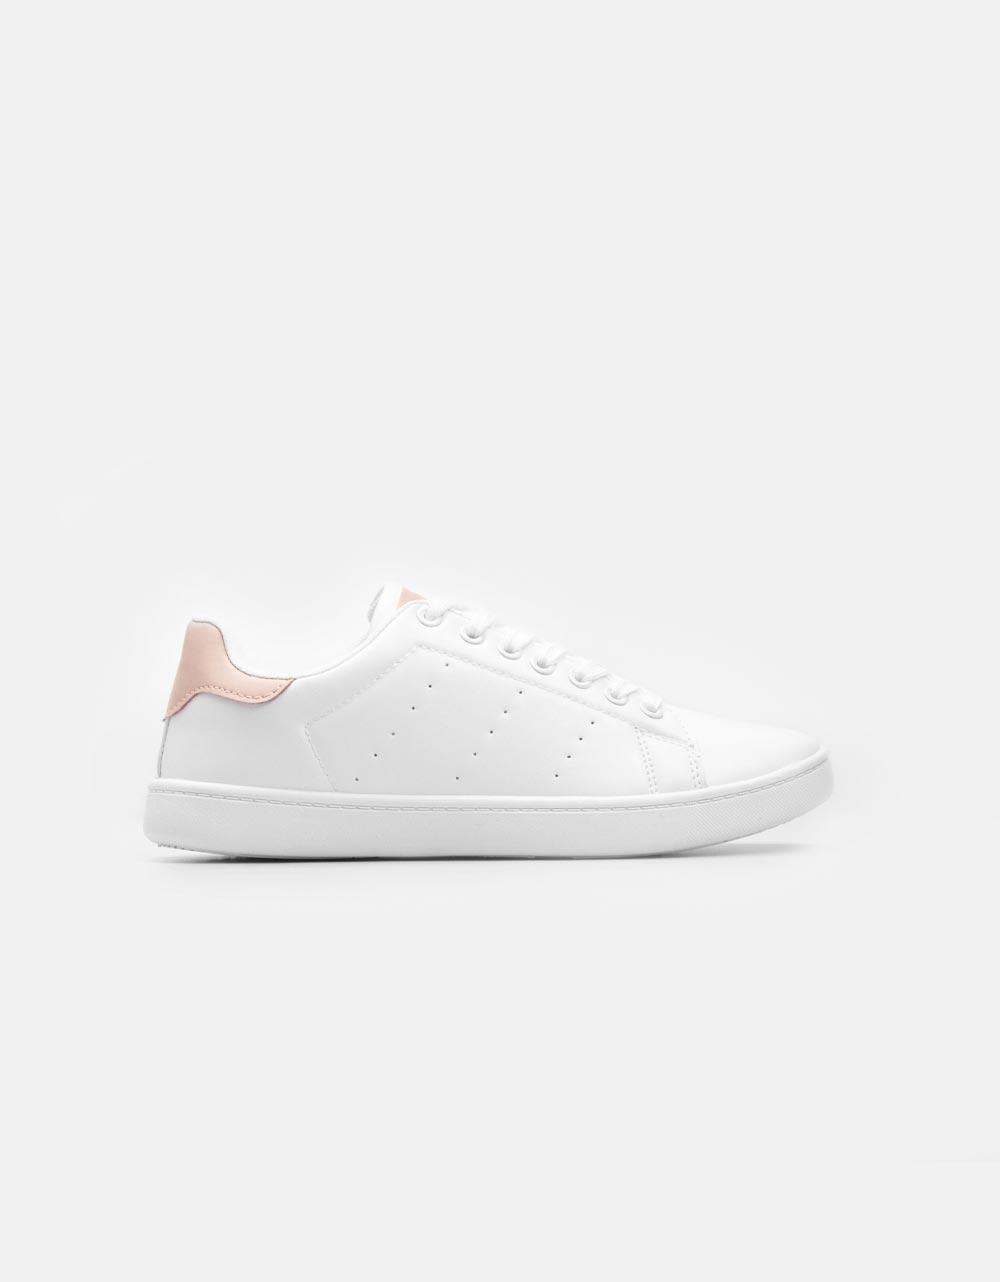 Εικόνα από Γυναικεία sneakers σε απλή γραμμή Λευκό/Ροζ